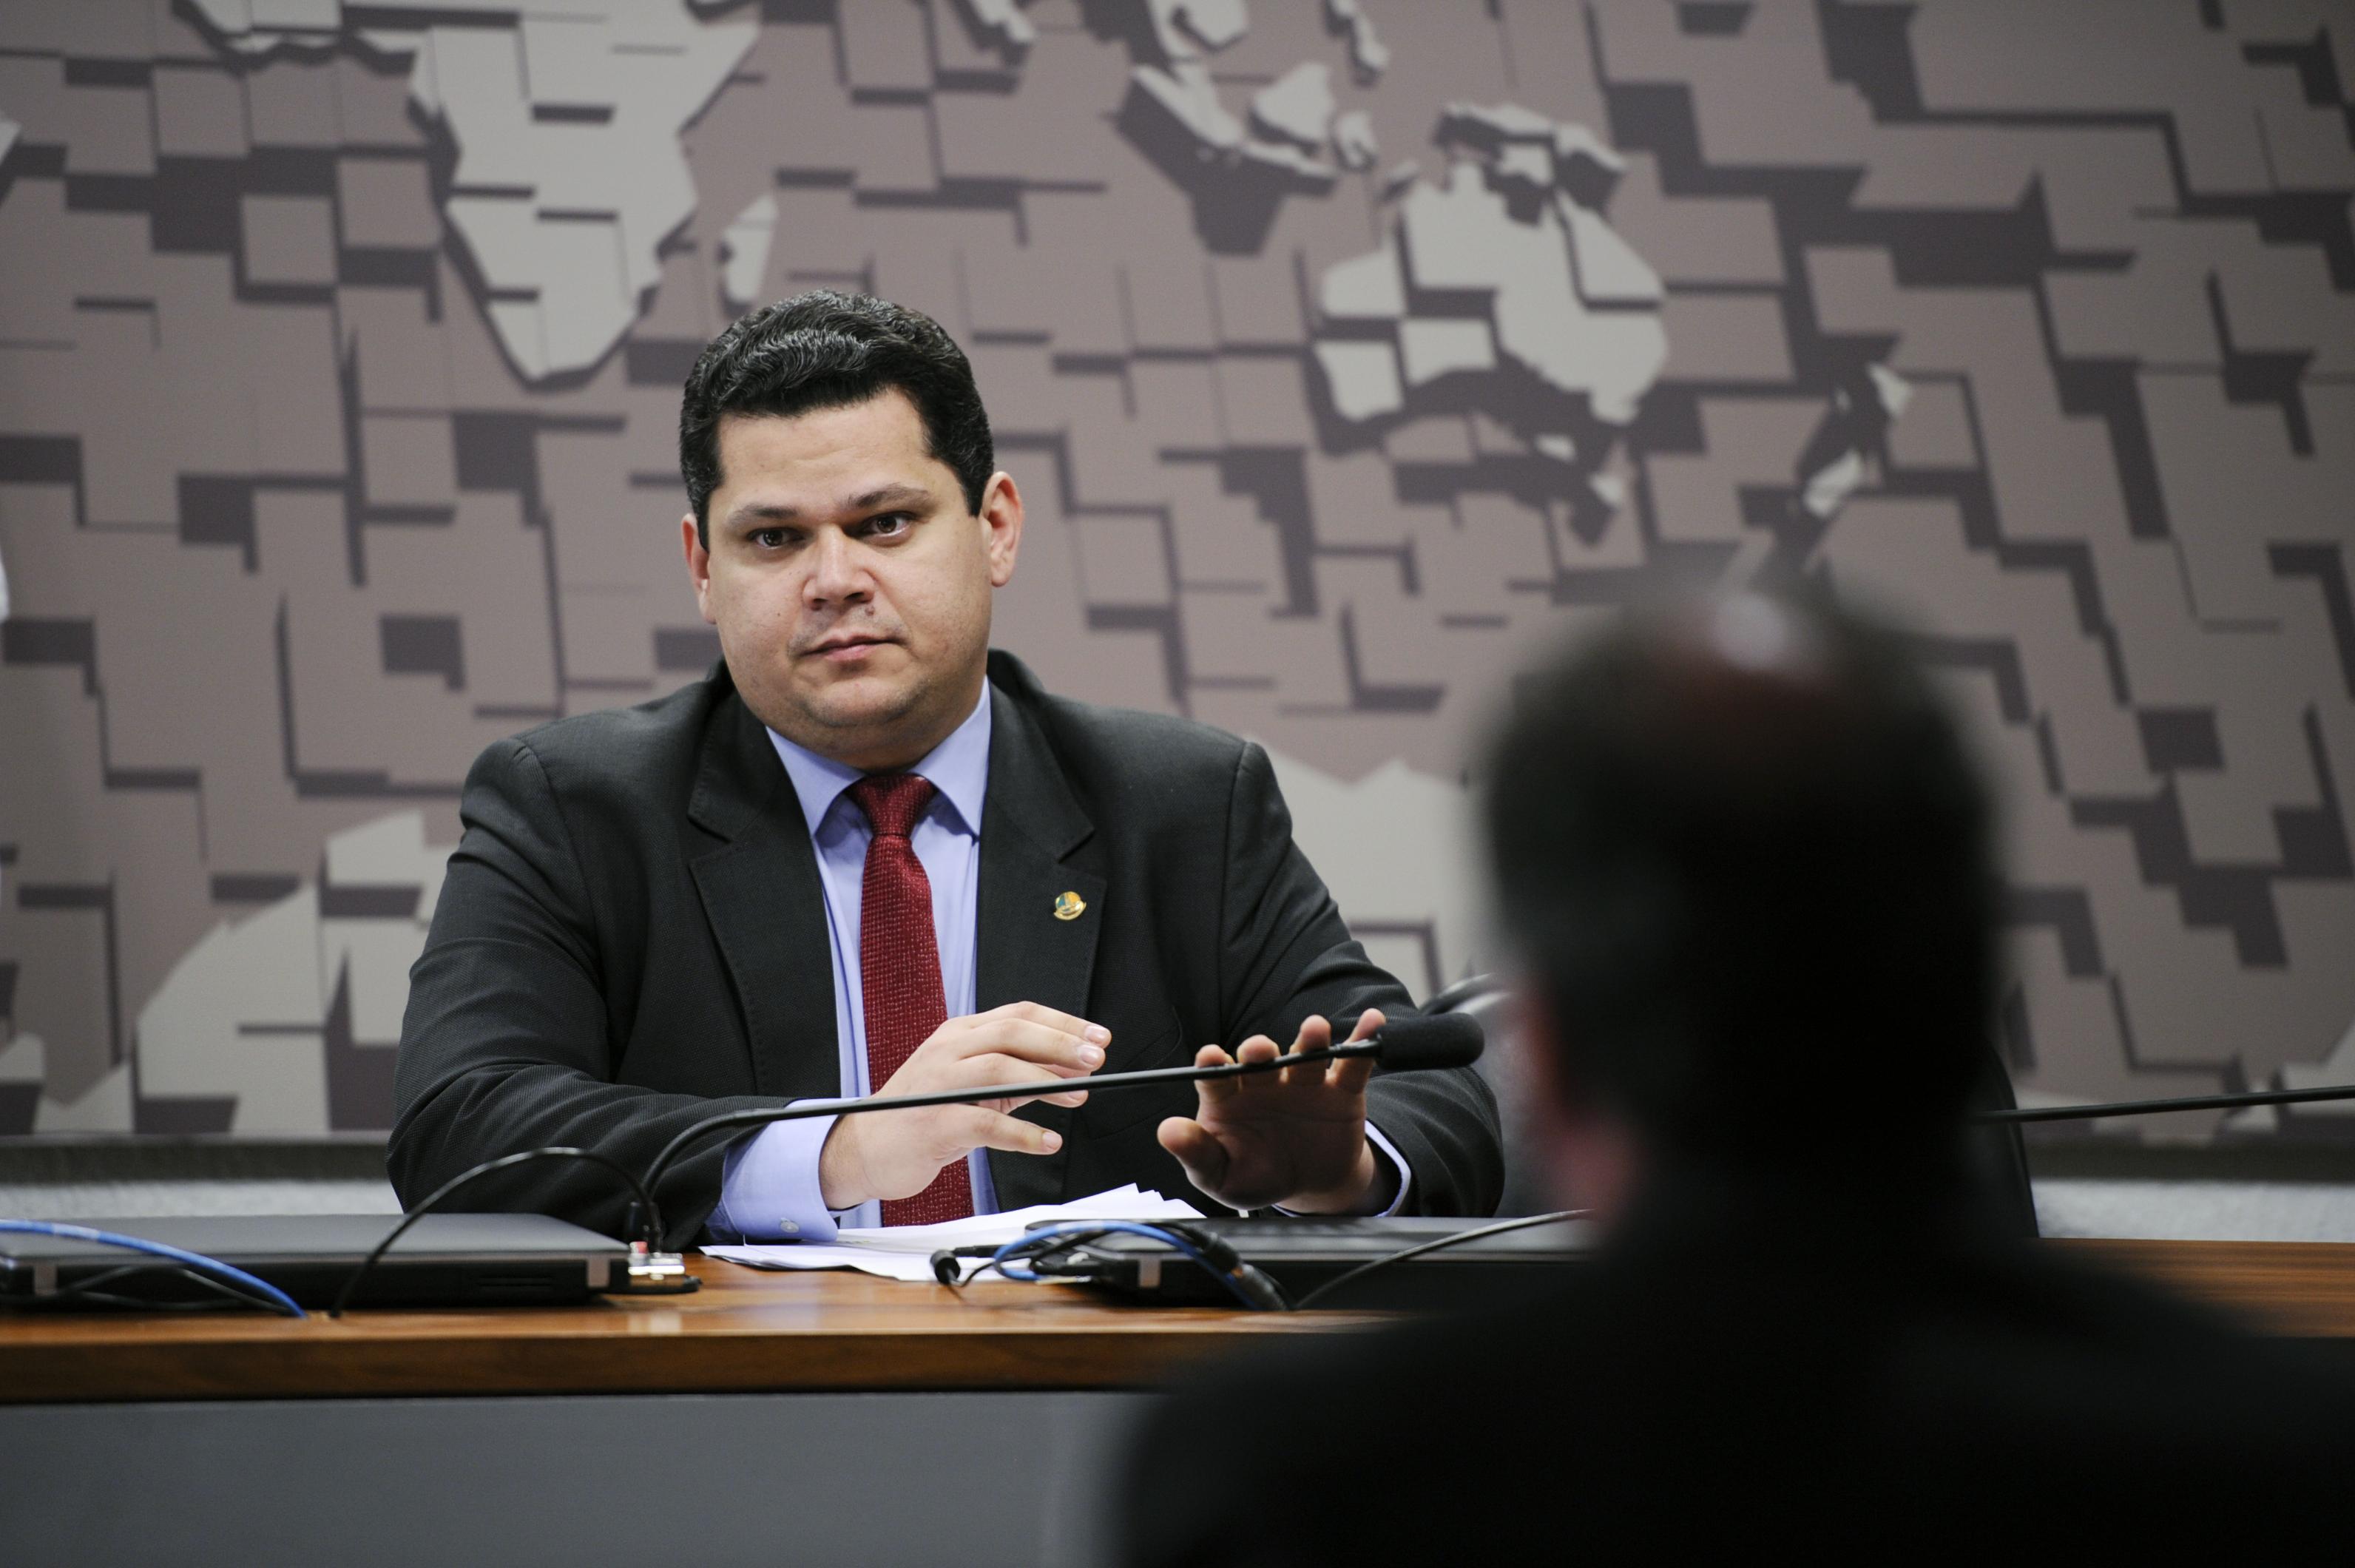 AO VIVO: Olho vivo na CCJ do Senado